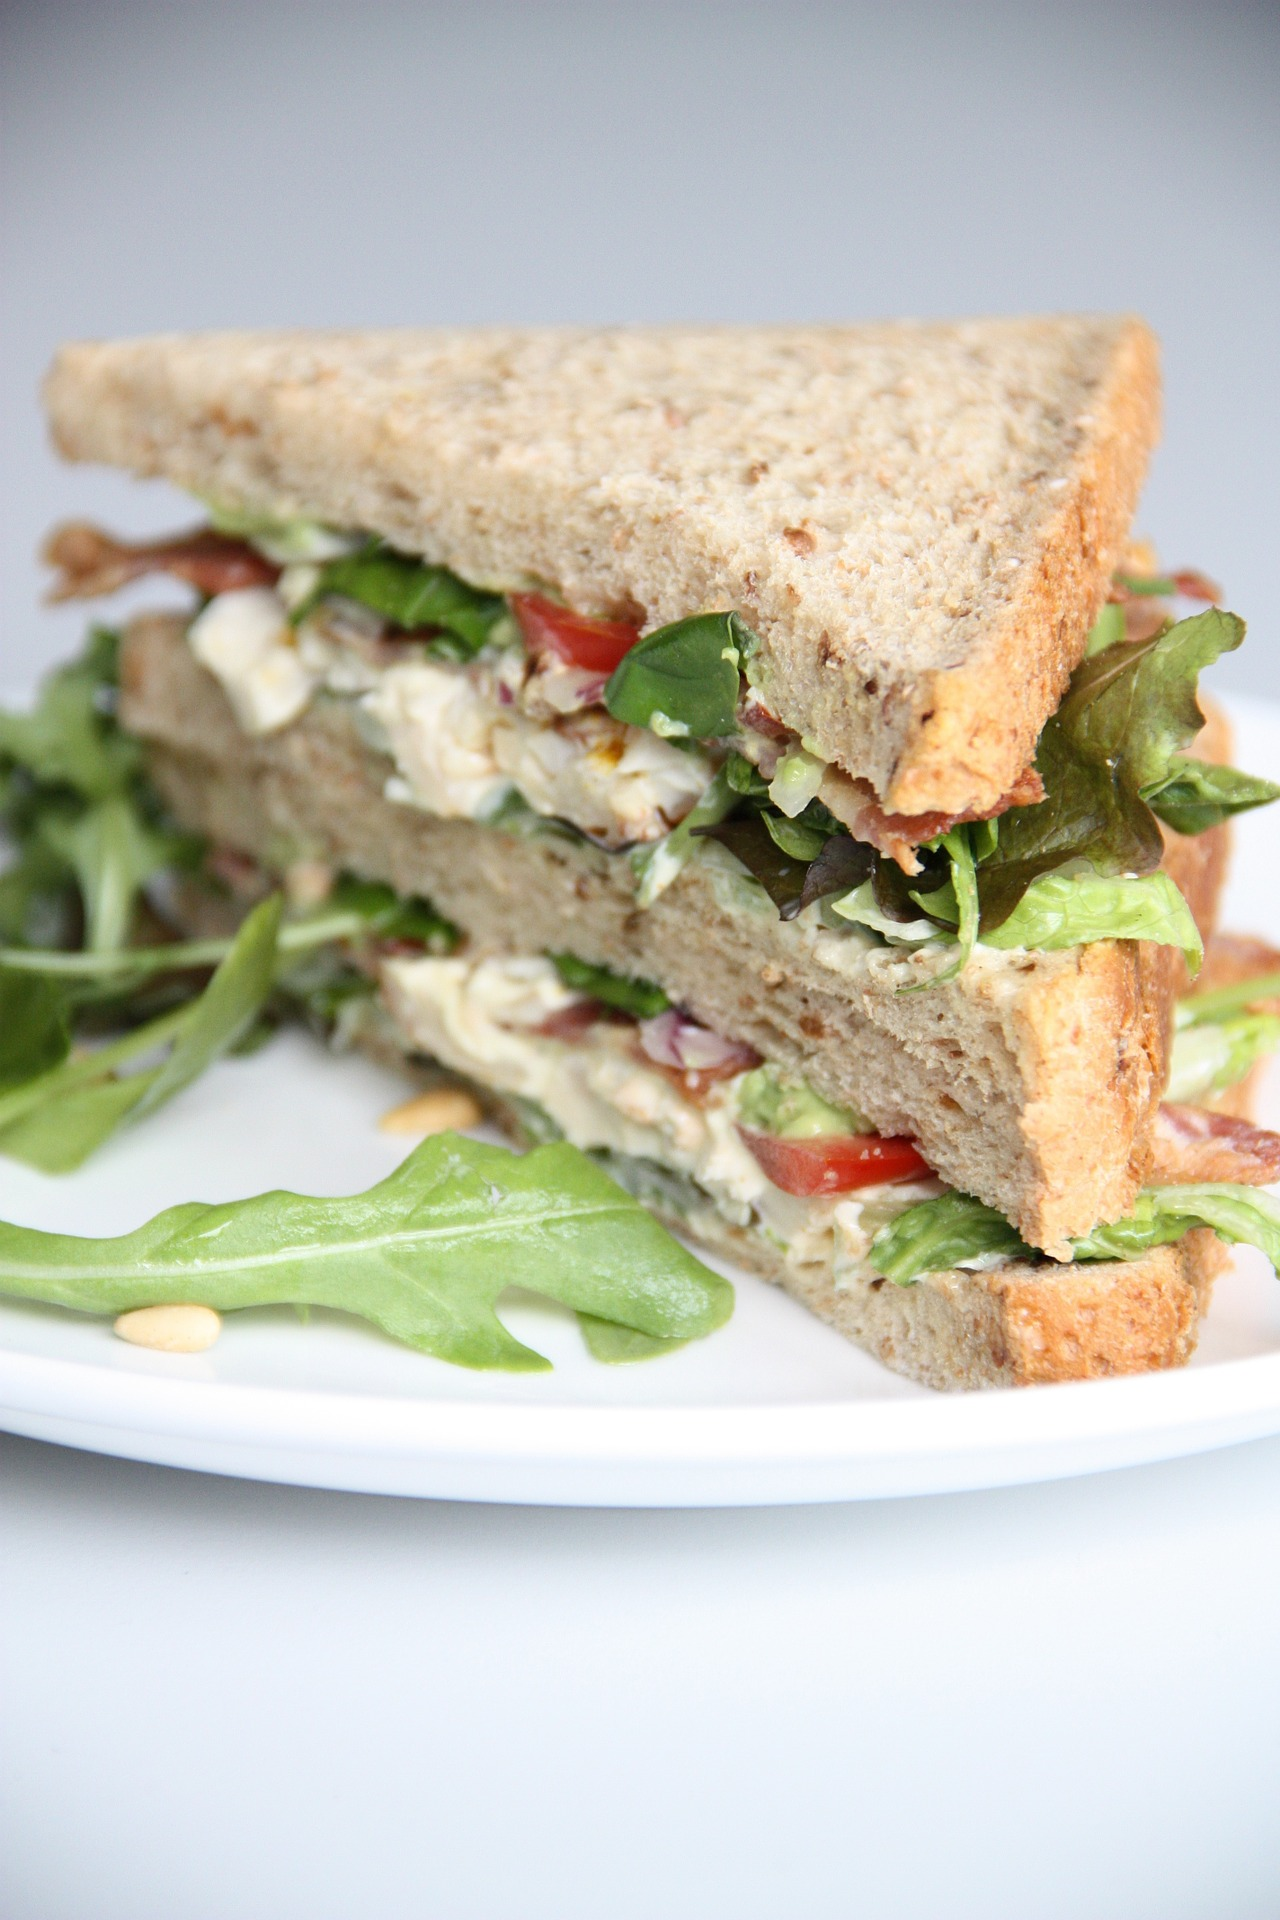 Sandwich | © Tarmtott/Pixabay